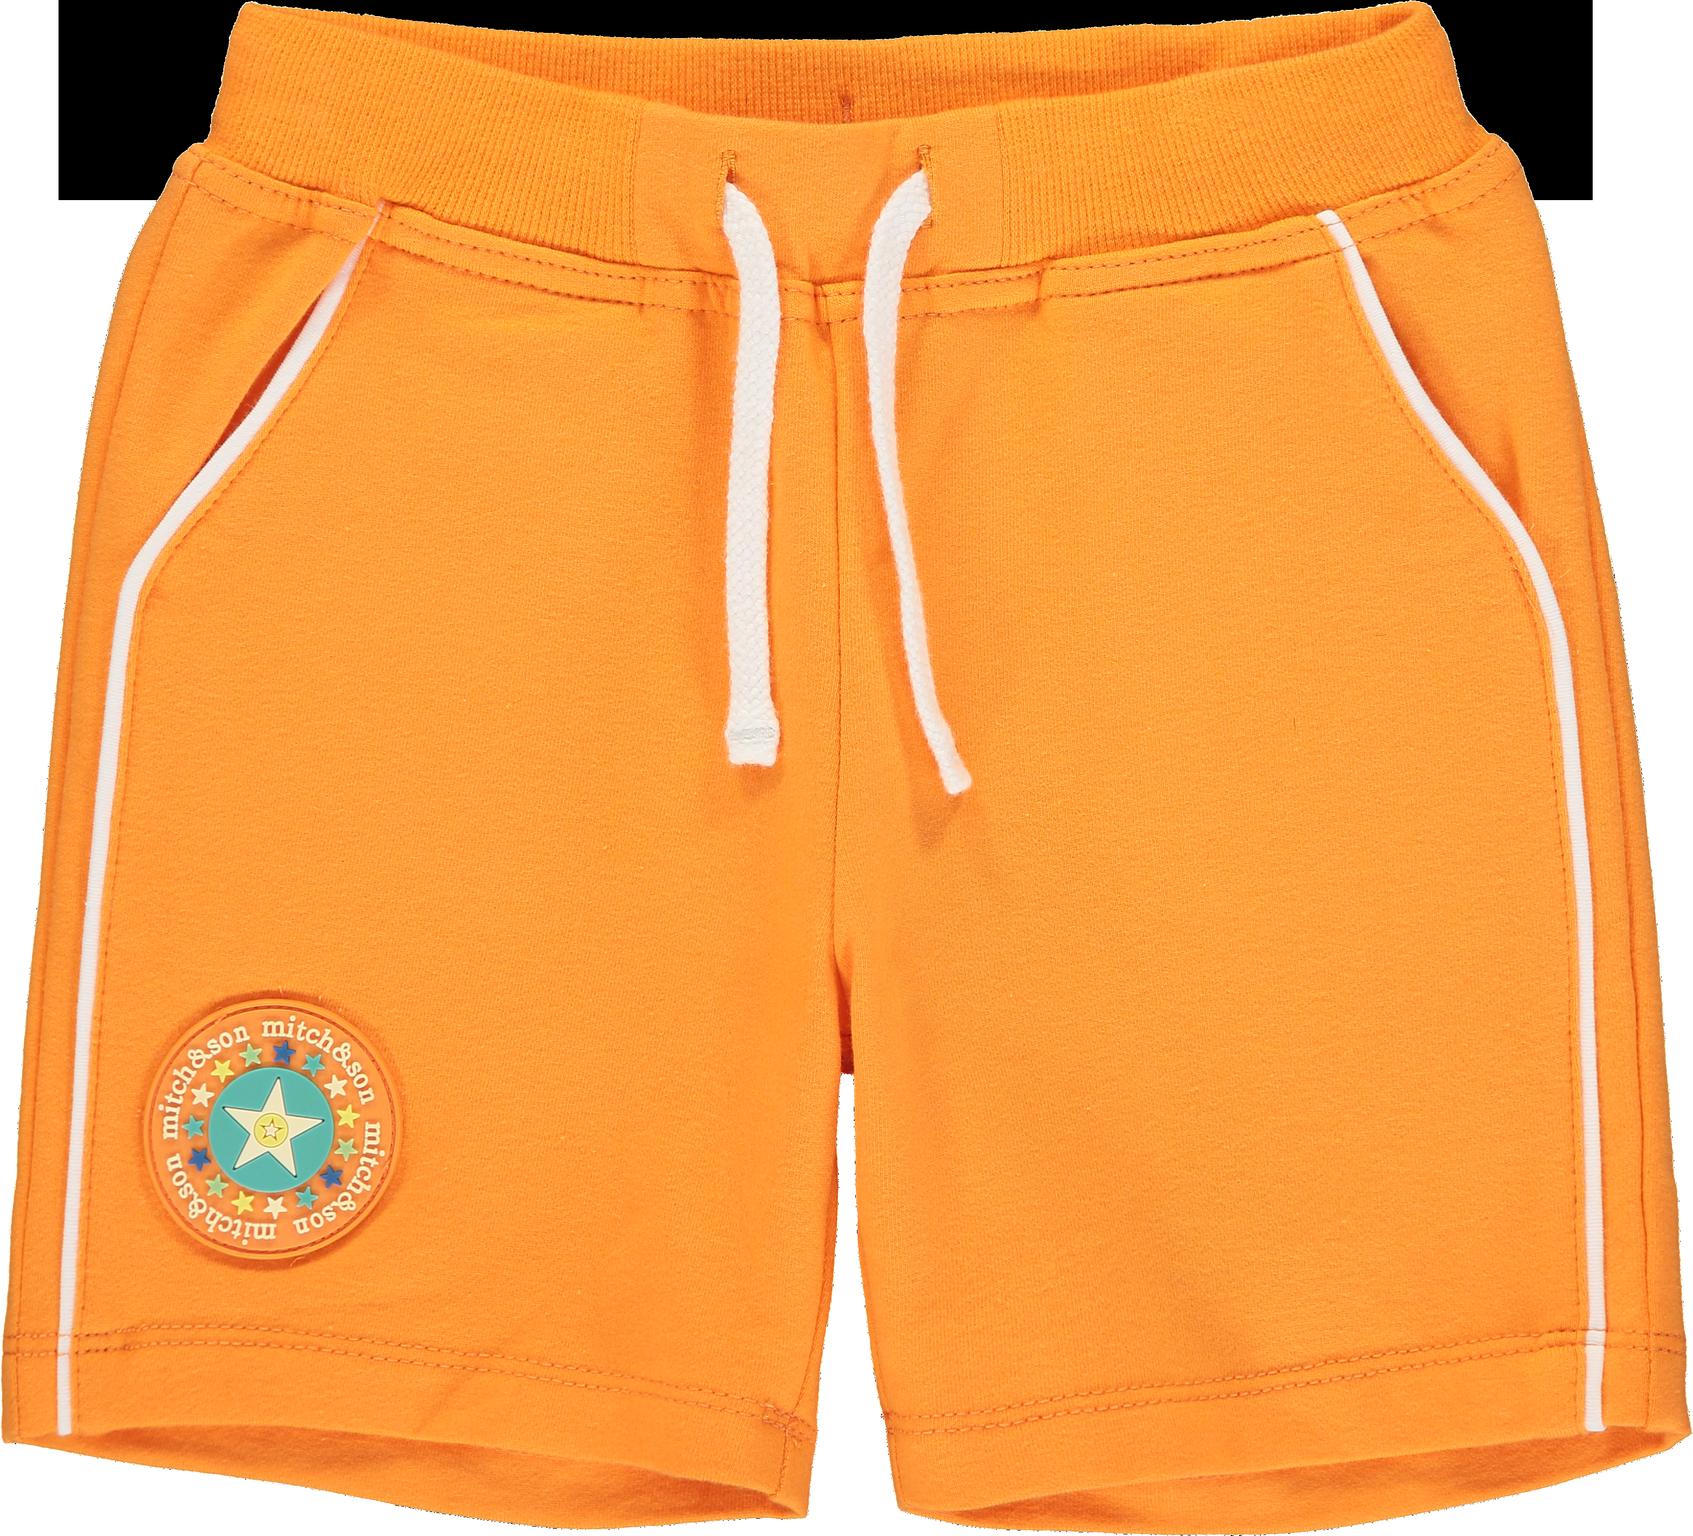 Mitch and Son Mitch & Son Aaron Orange Sweat Shorts